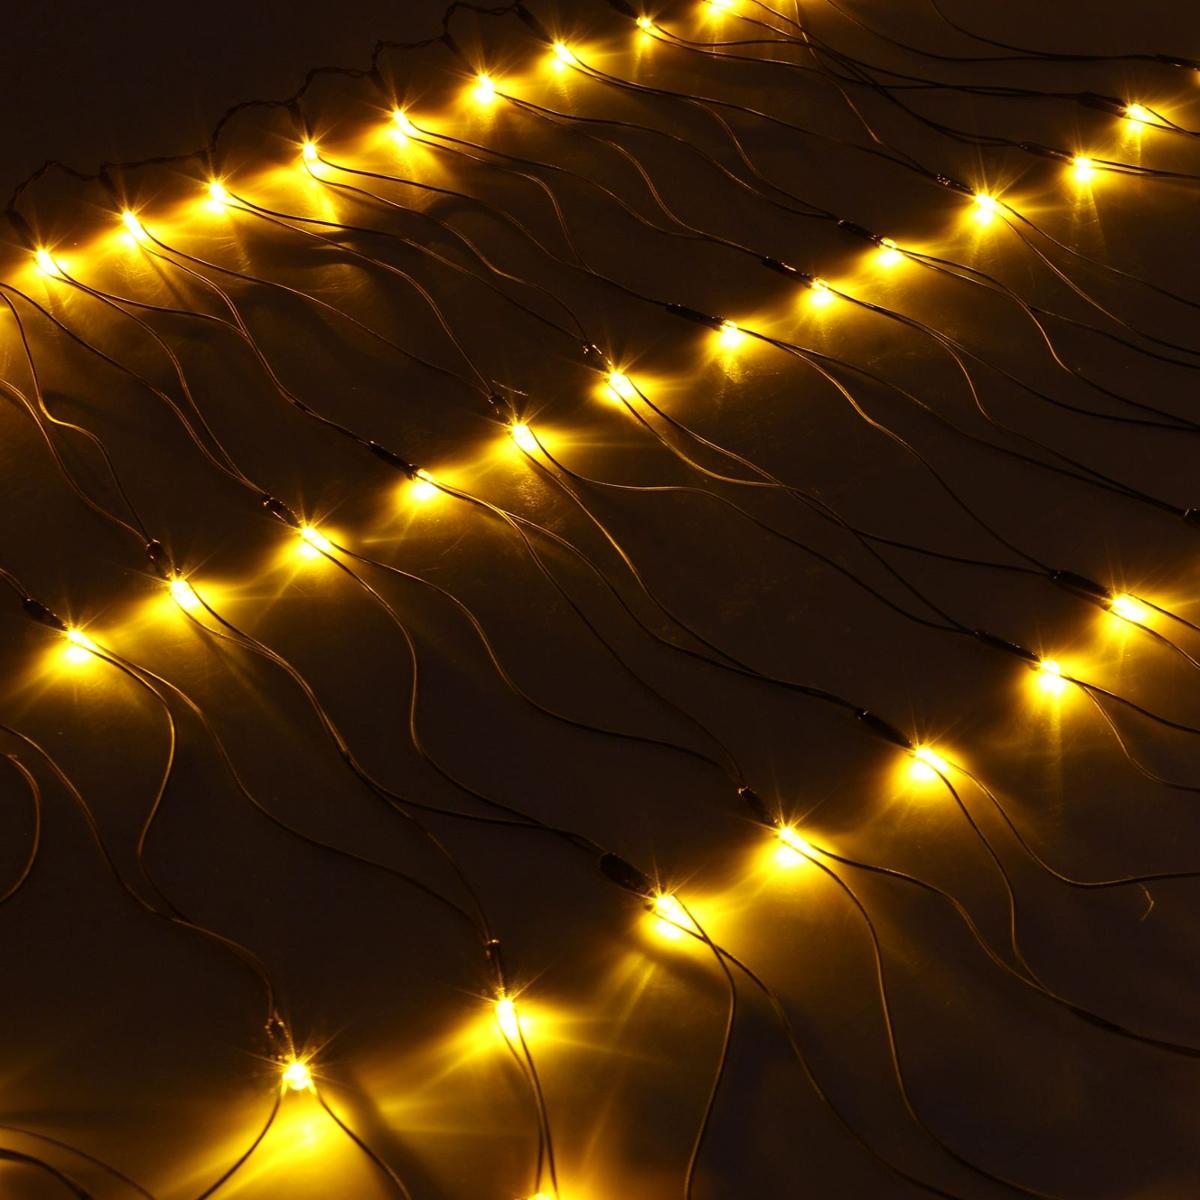 Гирлянда Luazon Сетка, длина 0,7 м, LED 96 ламп, 220V, цвет: желтый. 187201 гирлянда luazon сетка 1x0 7m led 96 220v 1080485